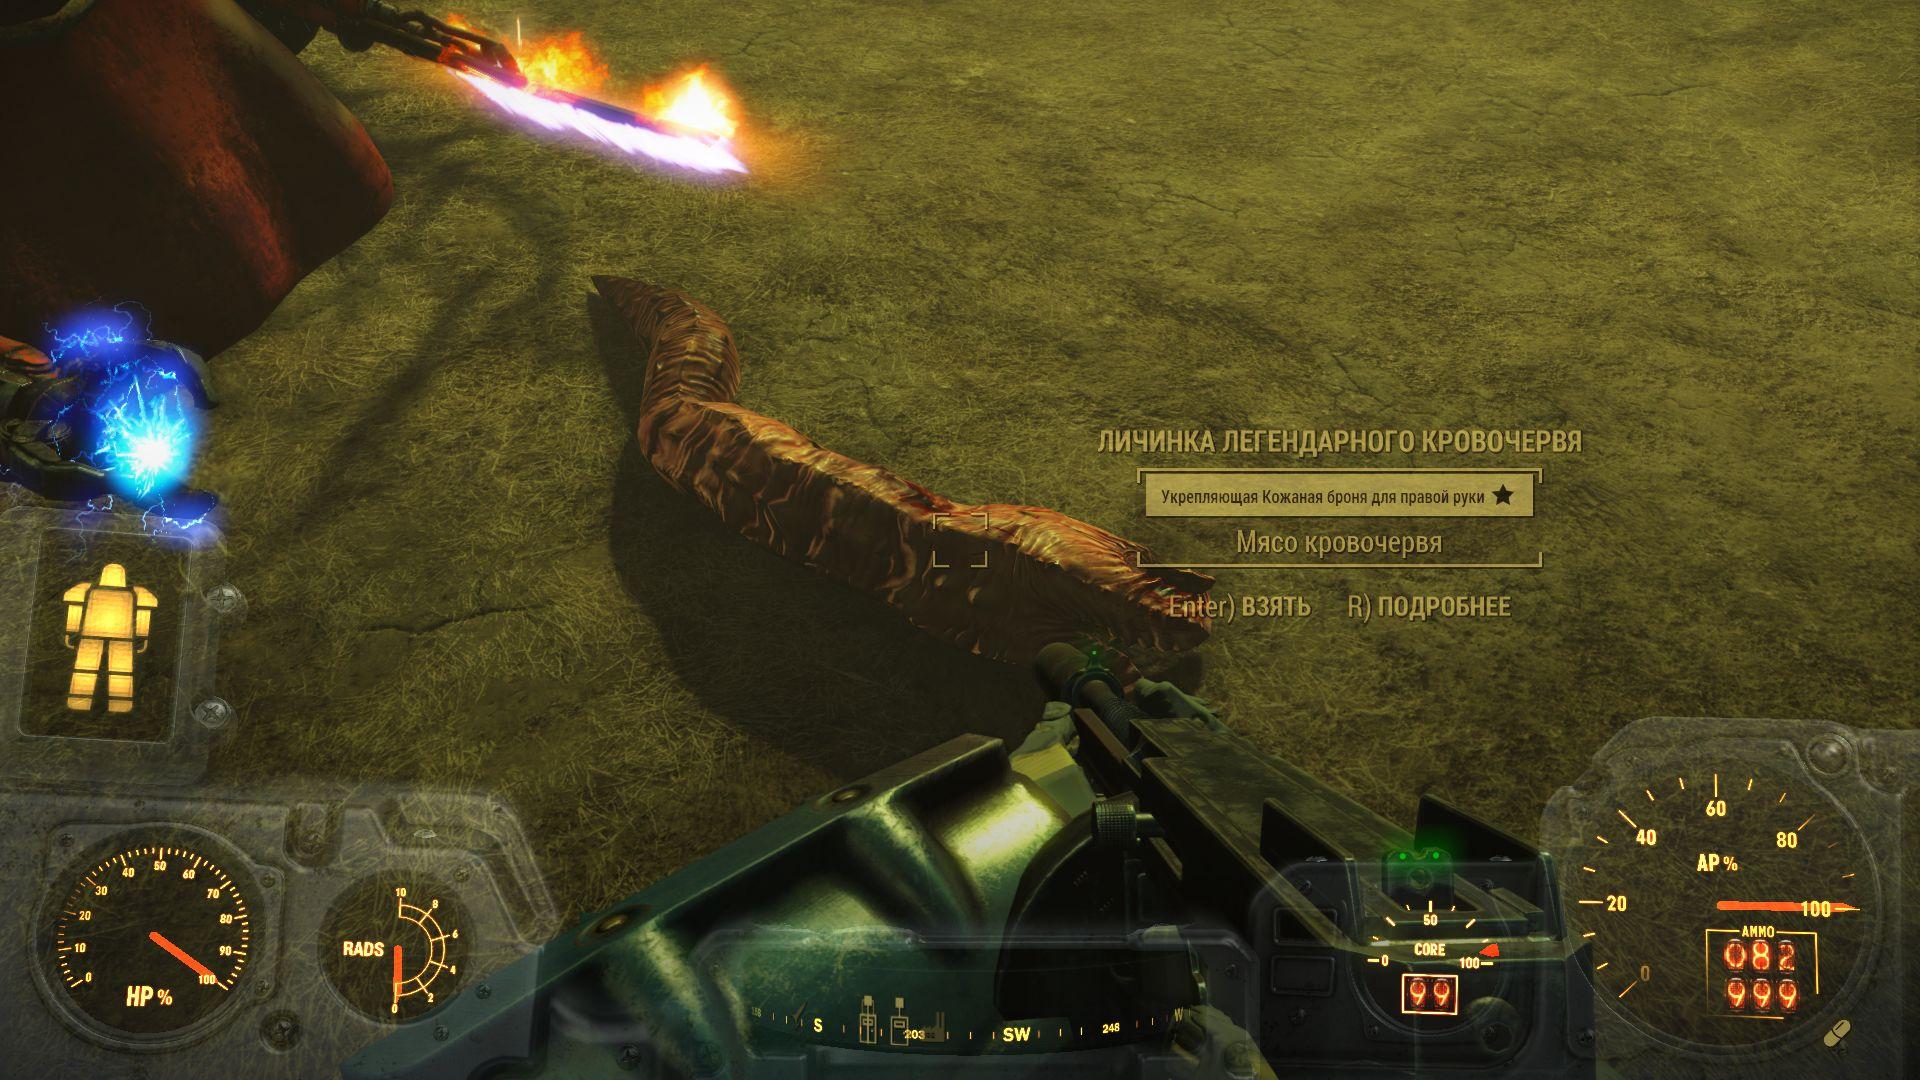 Че-то пошло не так... - Fallout 4 броня для правой руки, личинка кровочервя, ньюка-ворлд